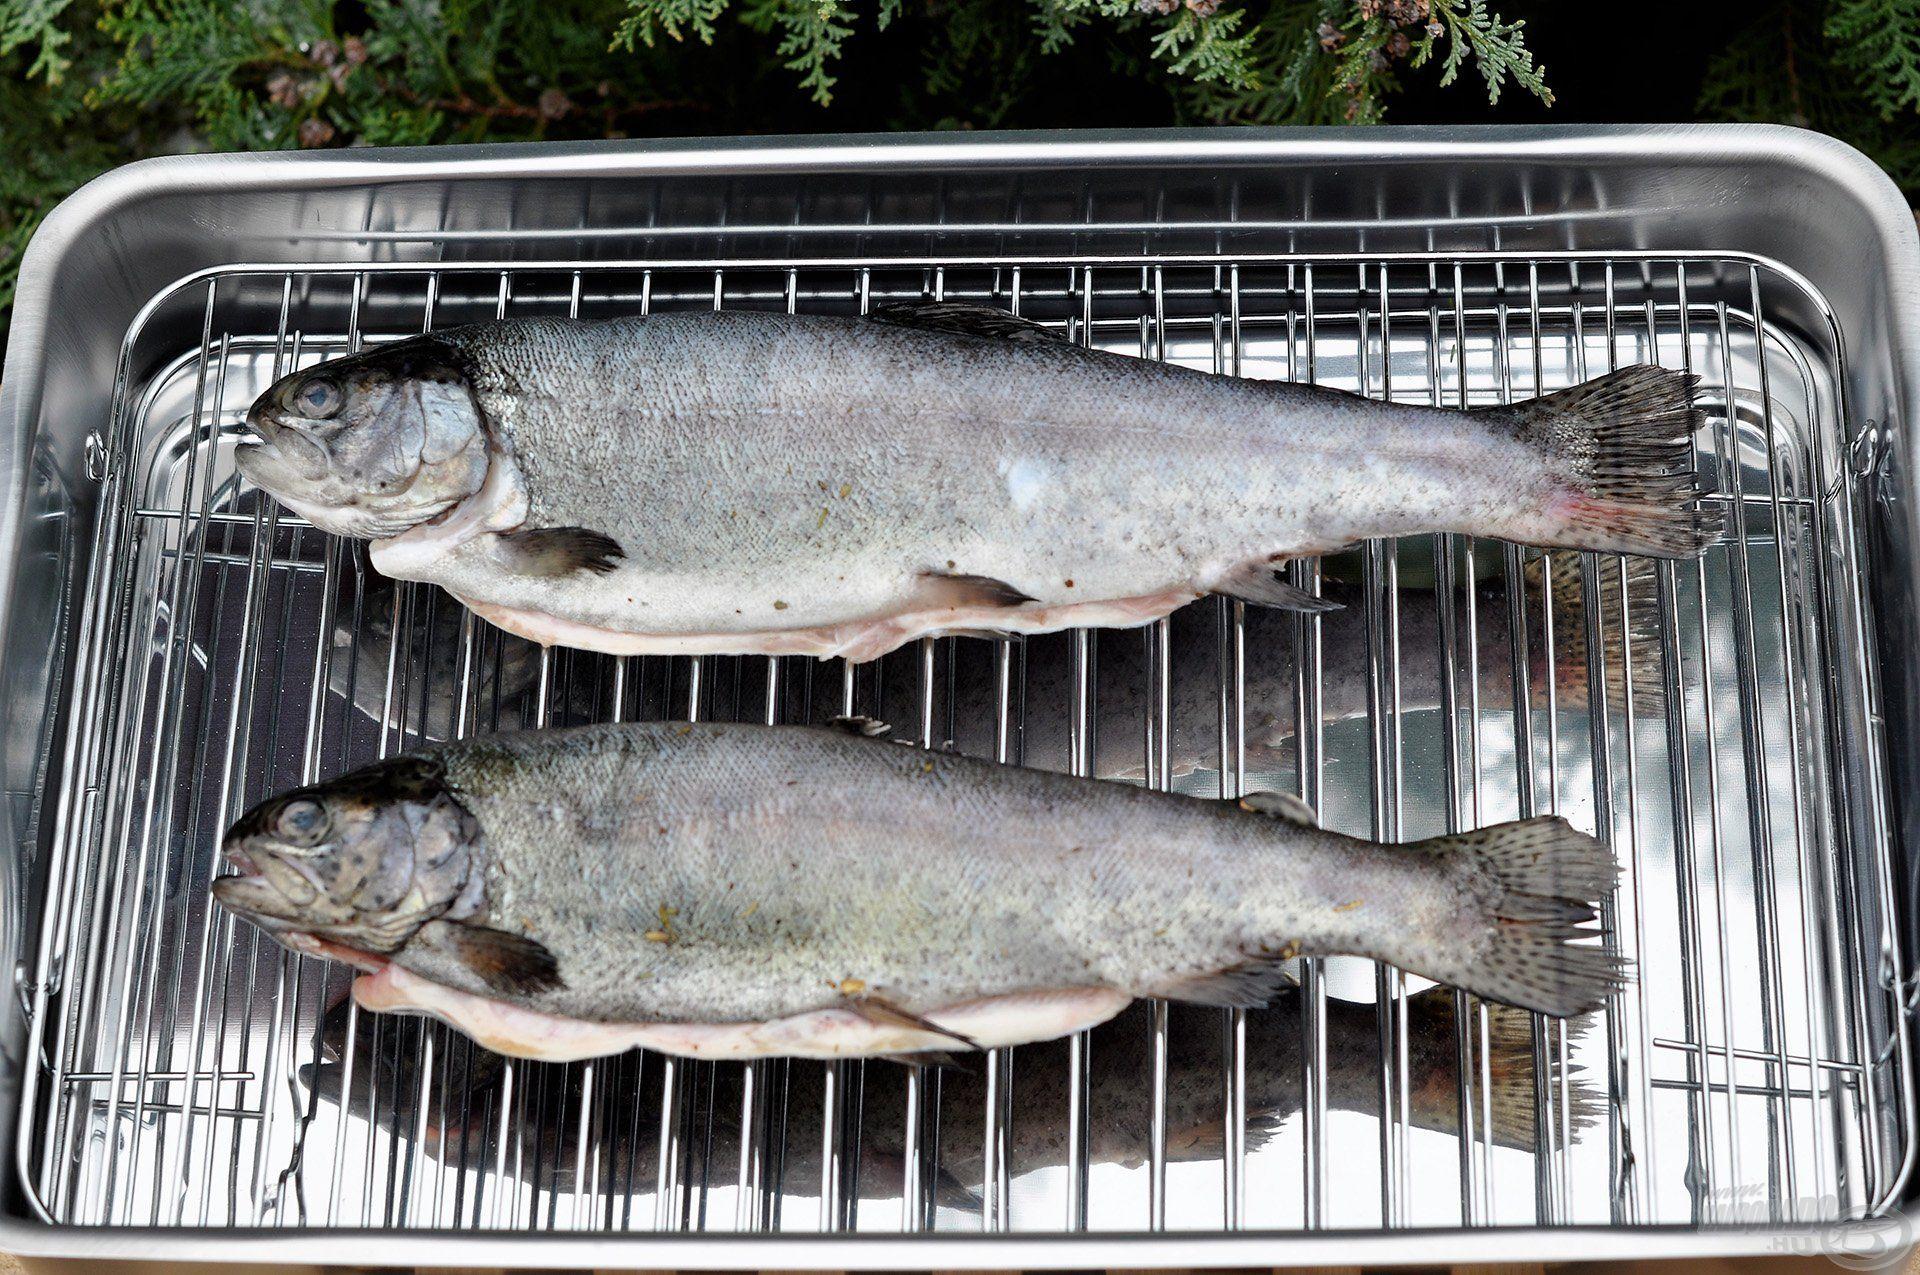 A füstölni kívánt halat a felső rácsra helyezzük